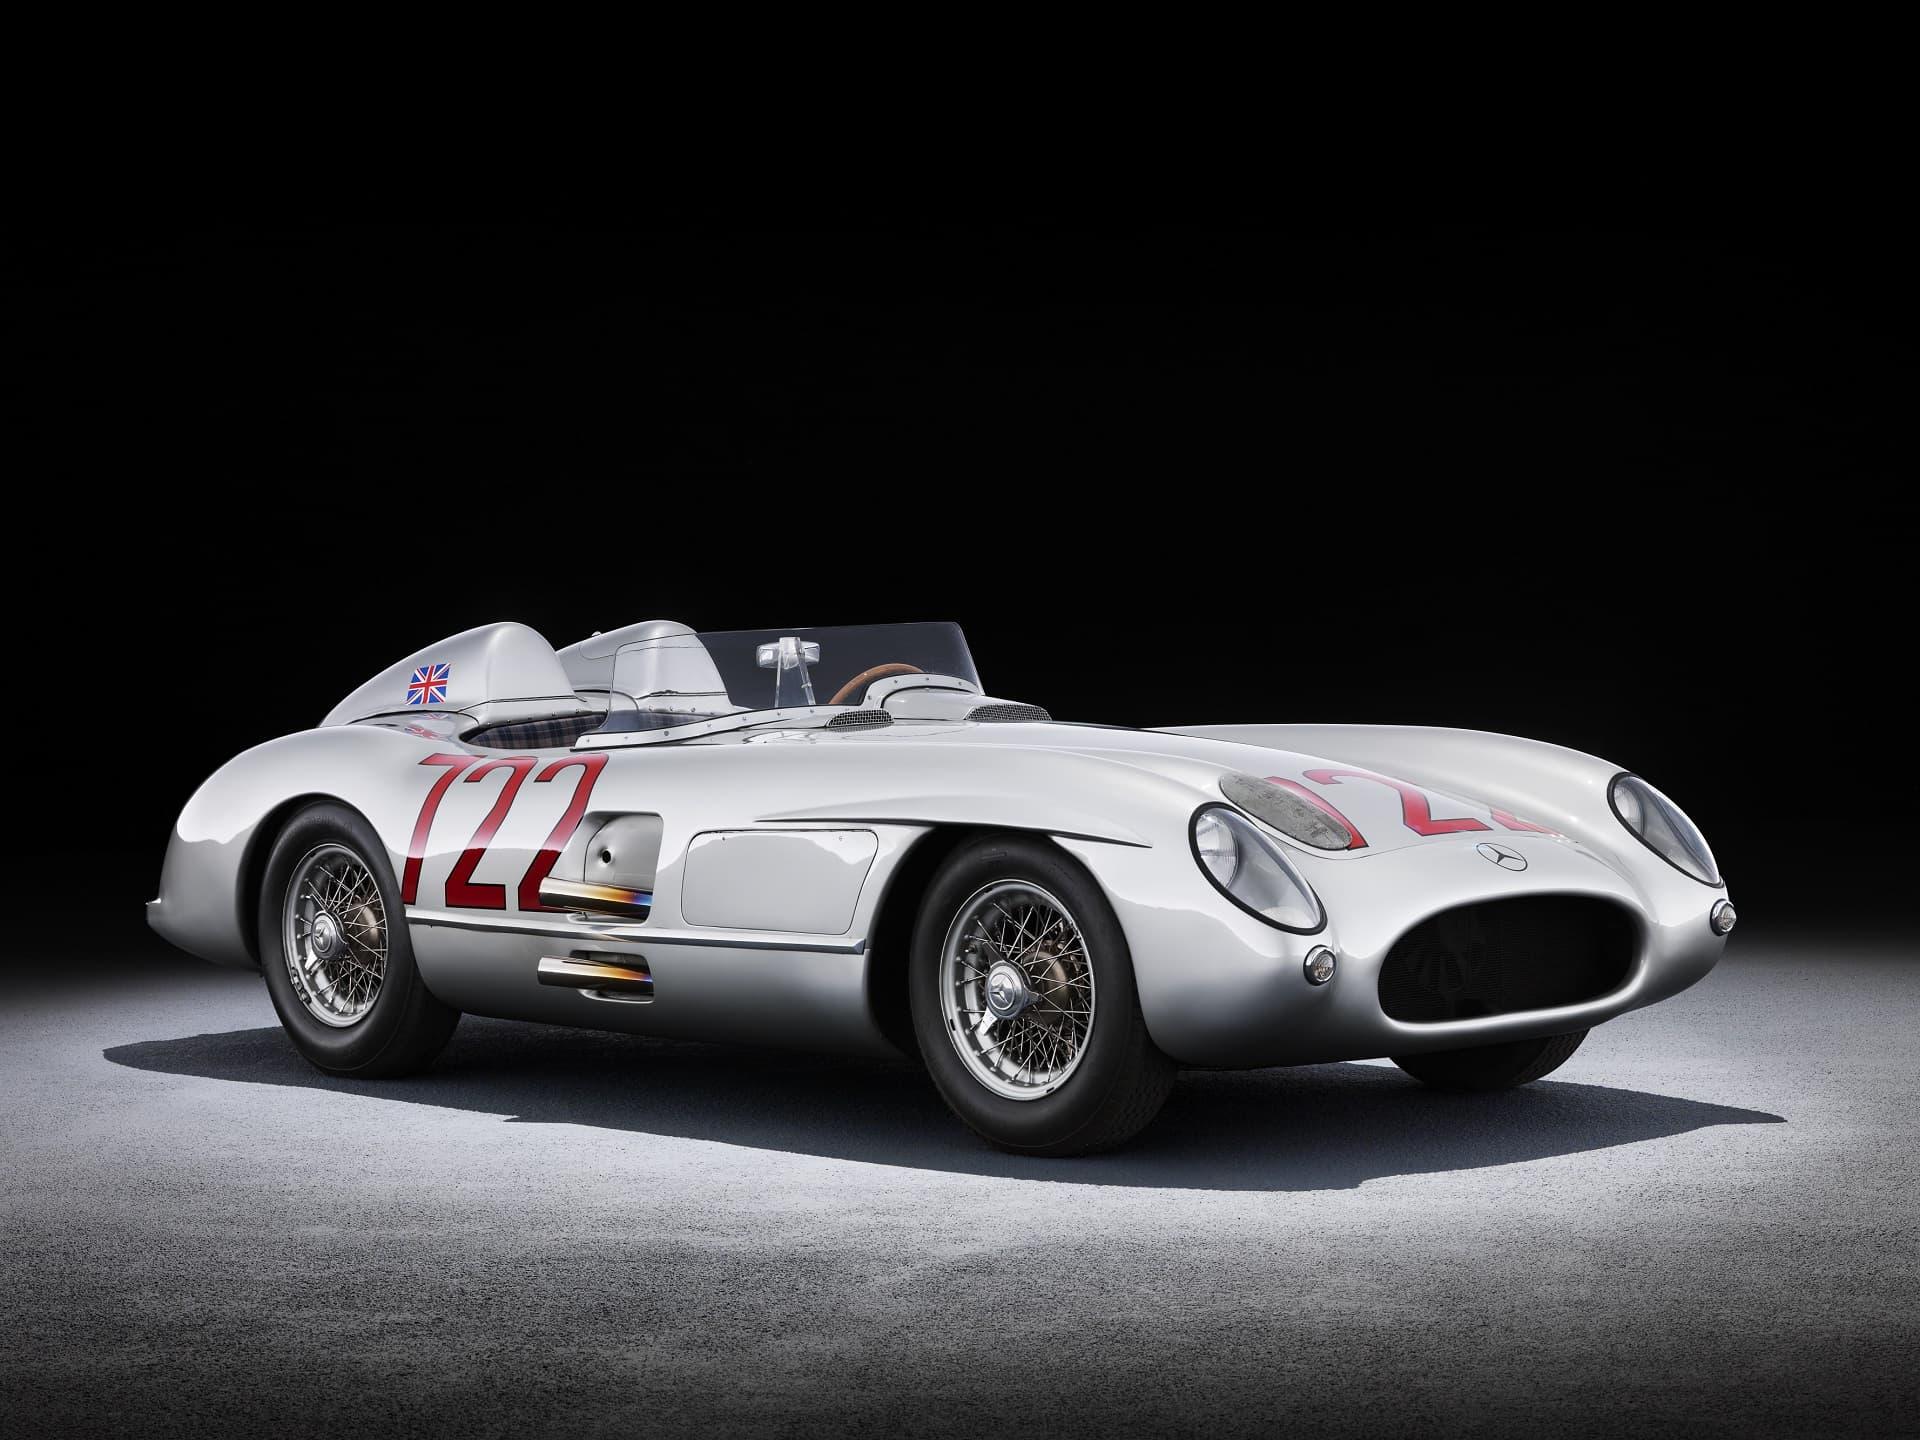 Mercedes-Benz 300 SLR Rennsportwagen (W 196 S), 1955. Fahrzeug von Stirling Moss und Denis Jenkinson bei der Mille Miglia des gleichen Jahres (Rekordzeit: 10 Stunden, 7 Minuten und 48 Sekunden). Studioaufnahme, Exterieur, von links vorn.